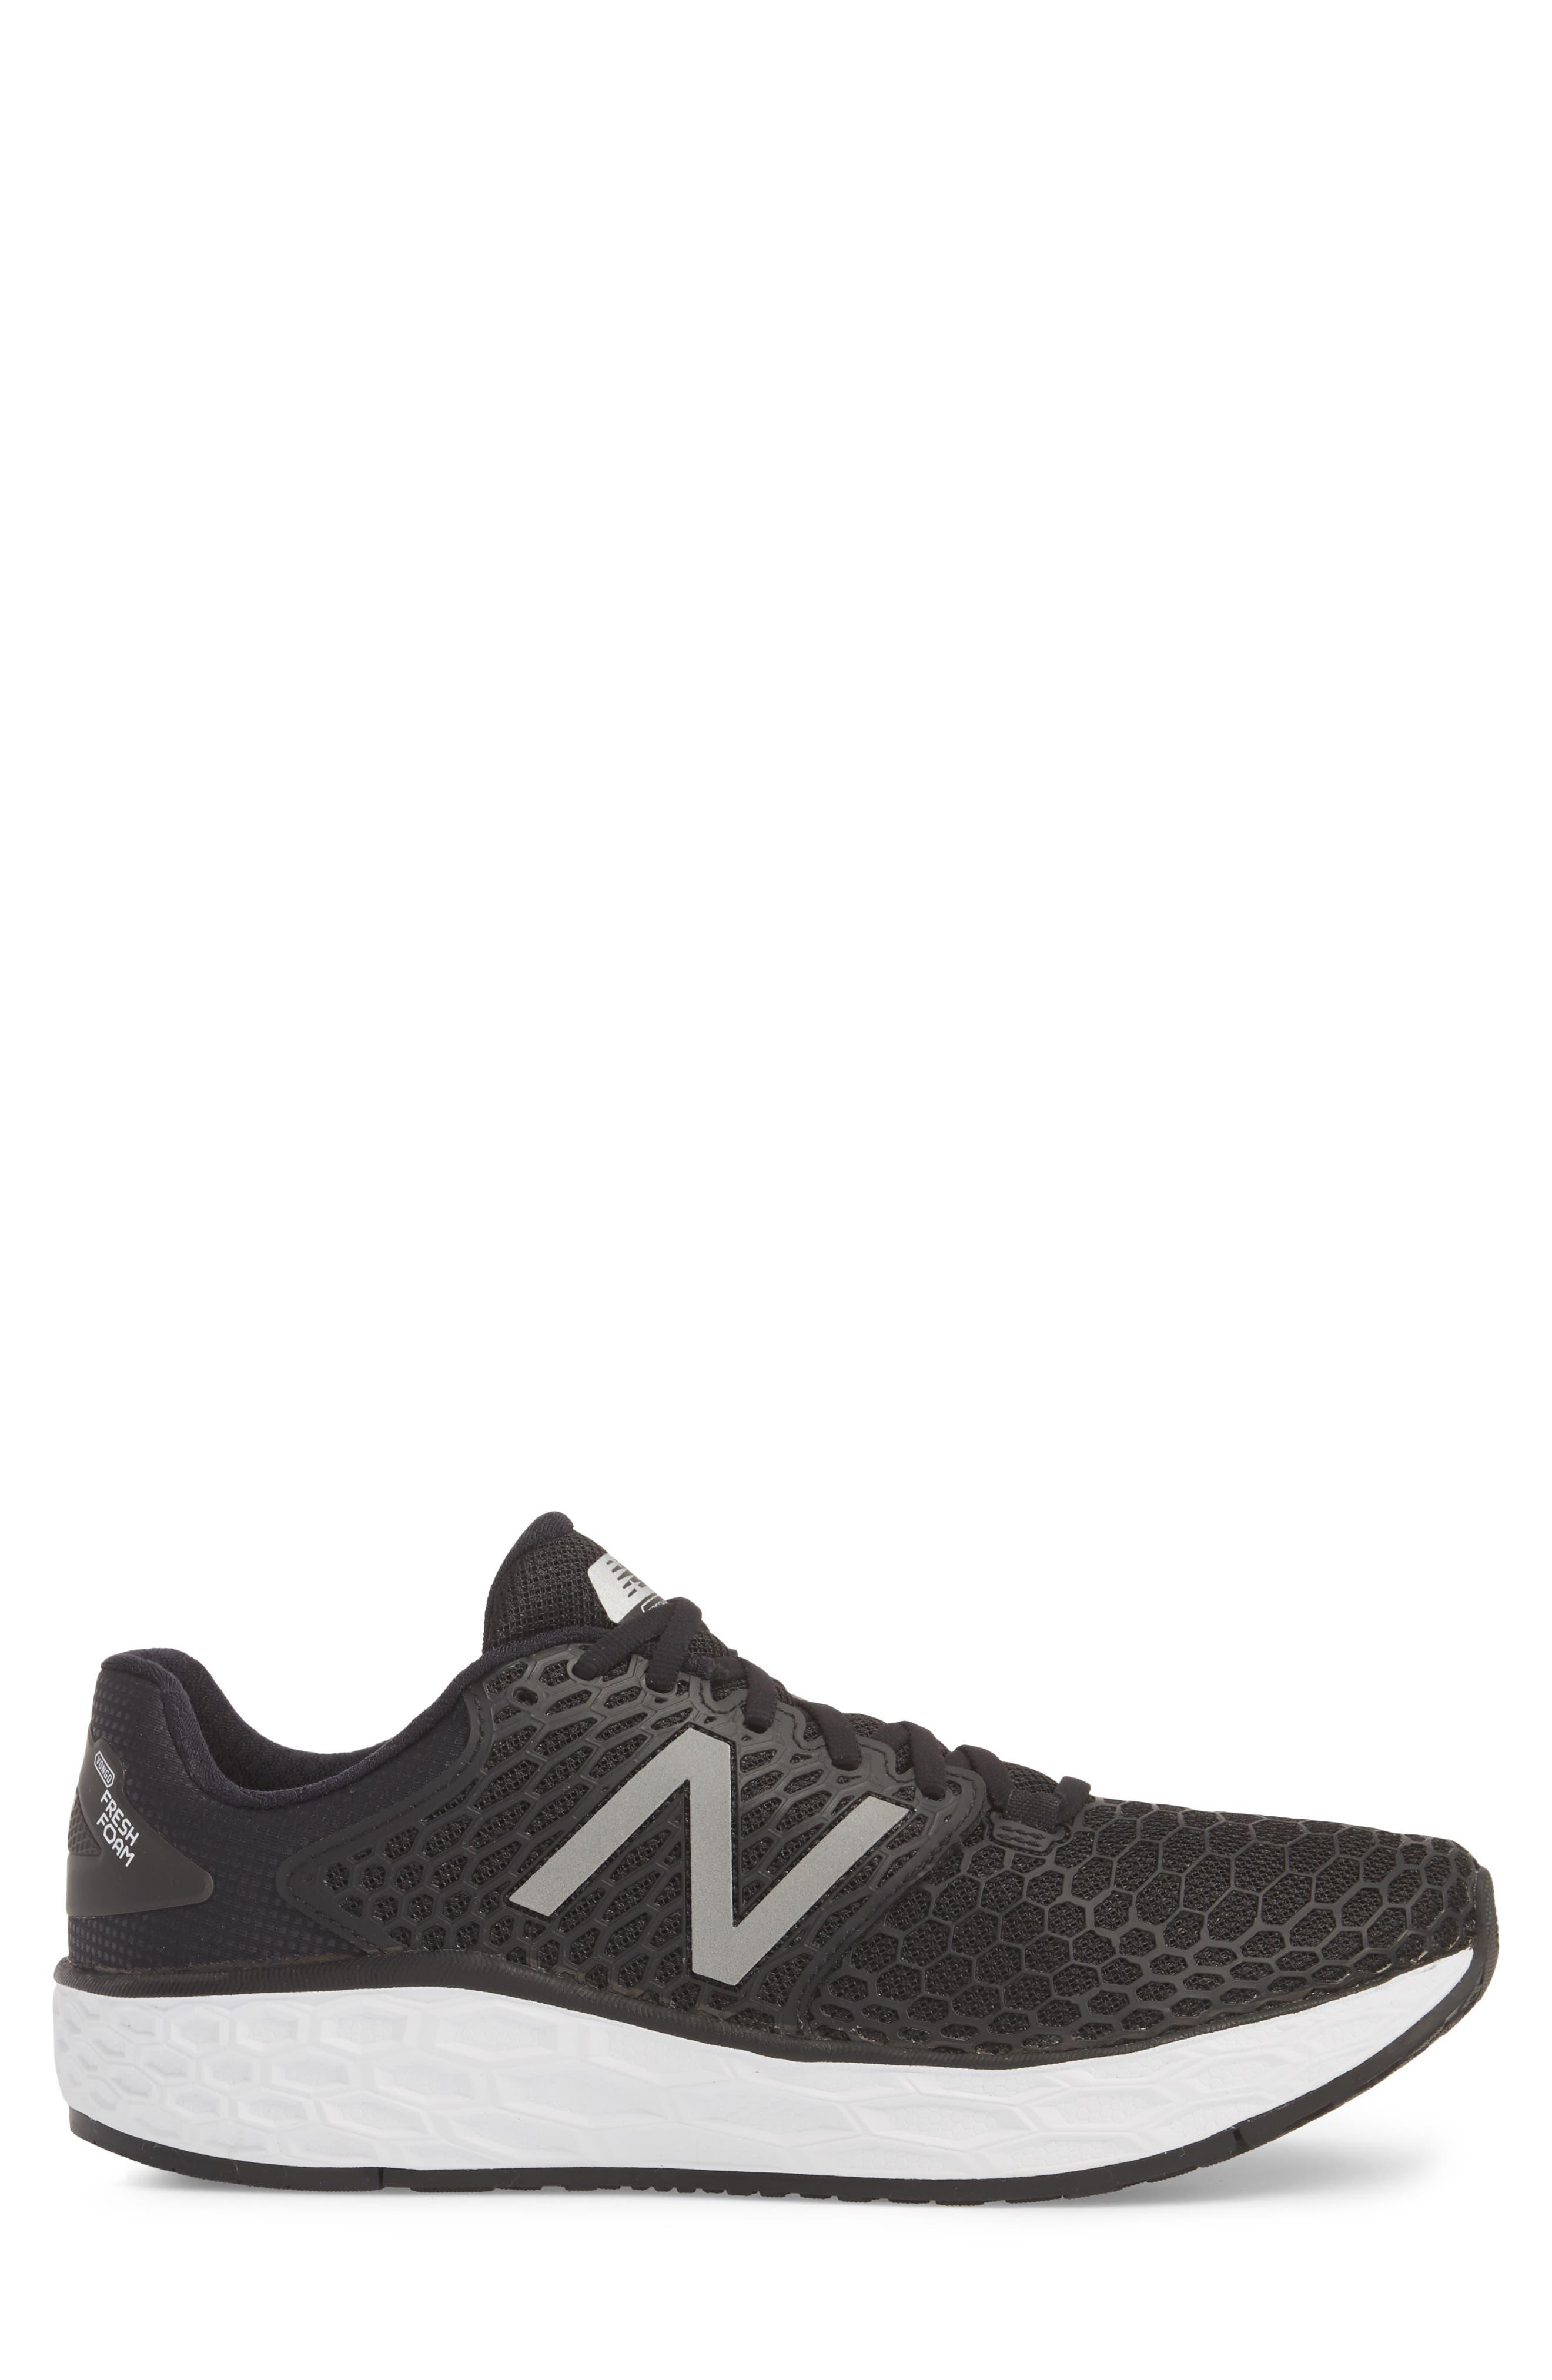 Fresh Foam Vongo v3 Running Shoe,                             Alternate thumbnail 3, color,                             BLACK